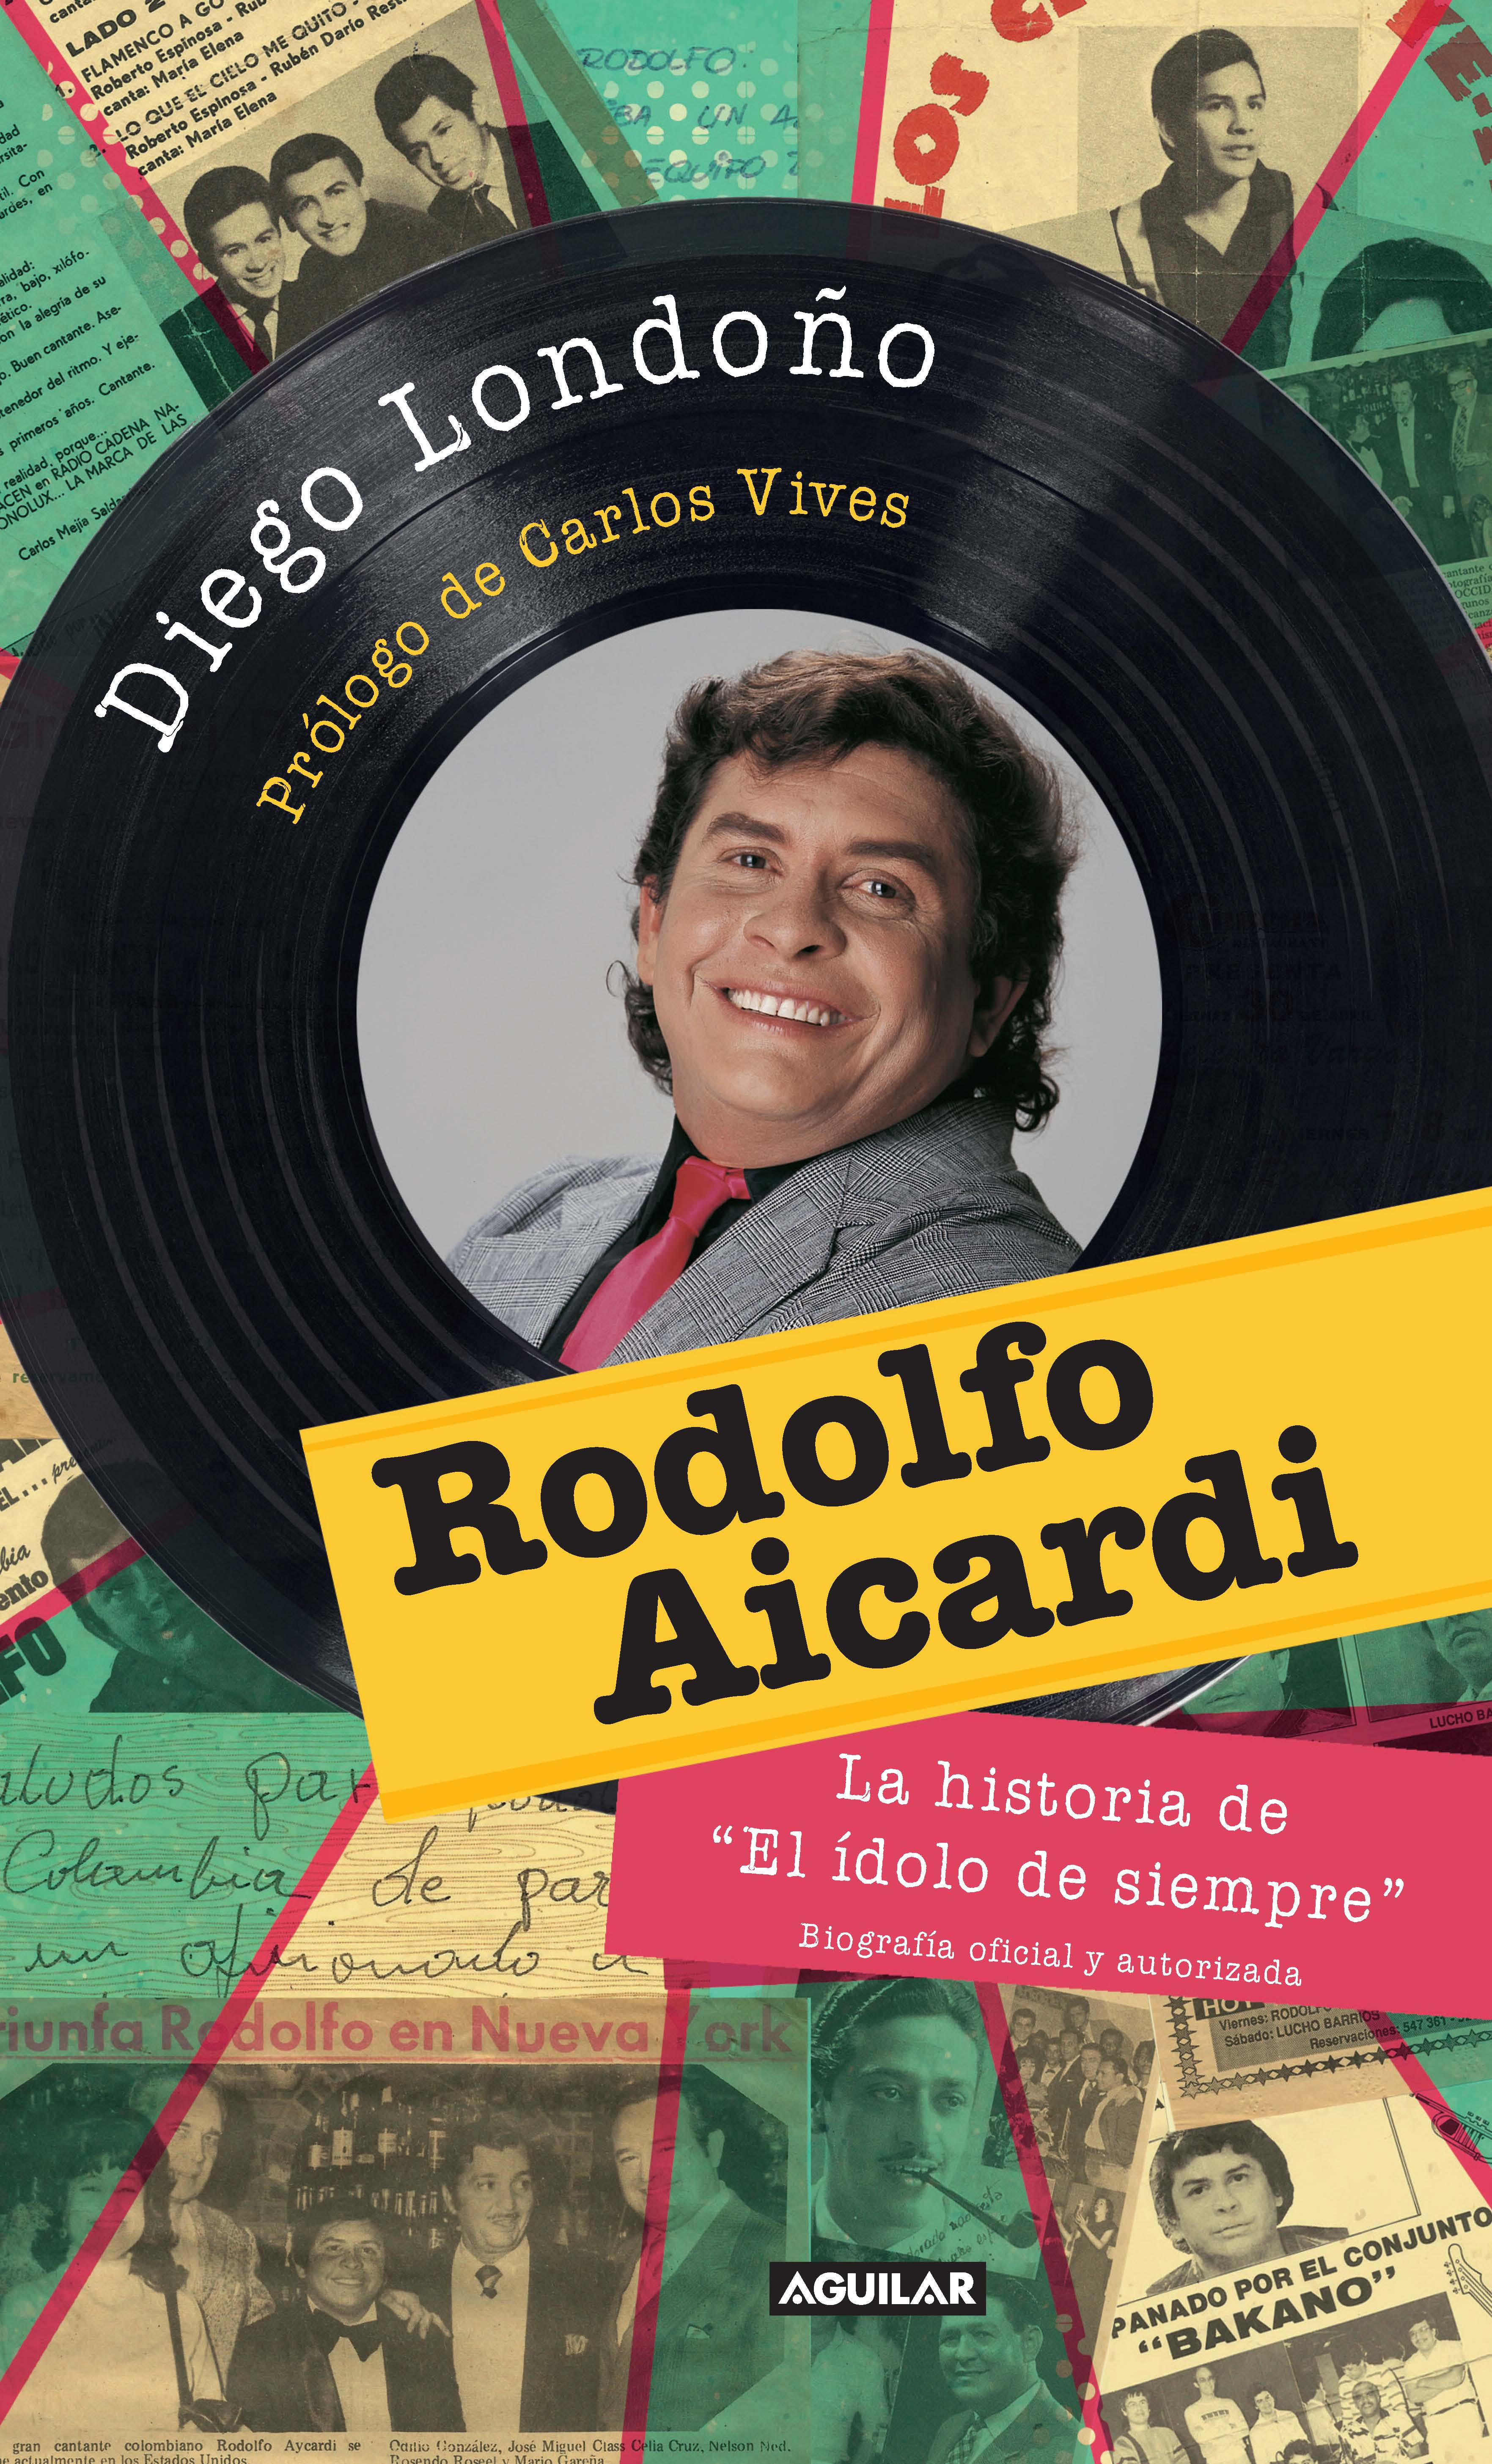 Rodolfo Aicardi. El idolo de siempre